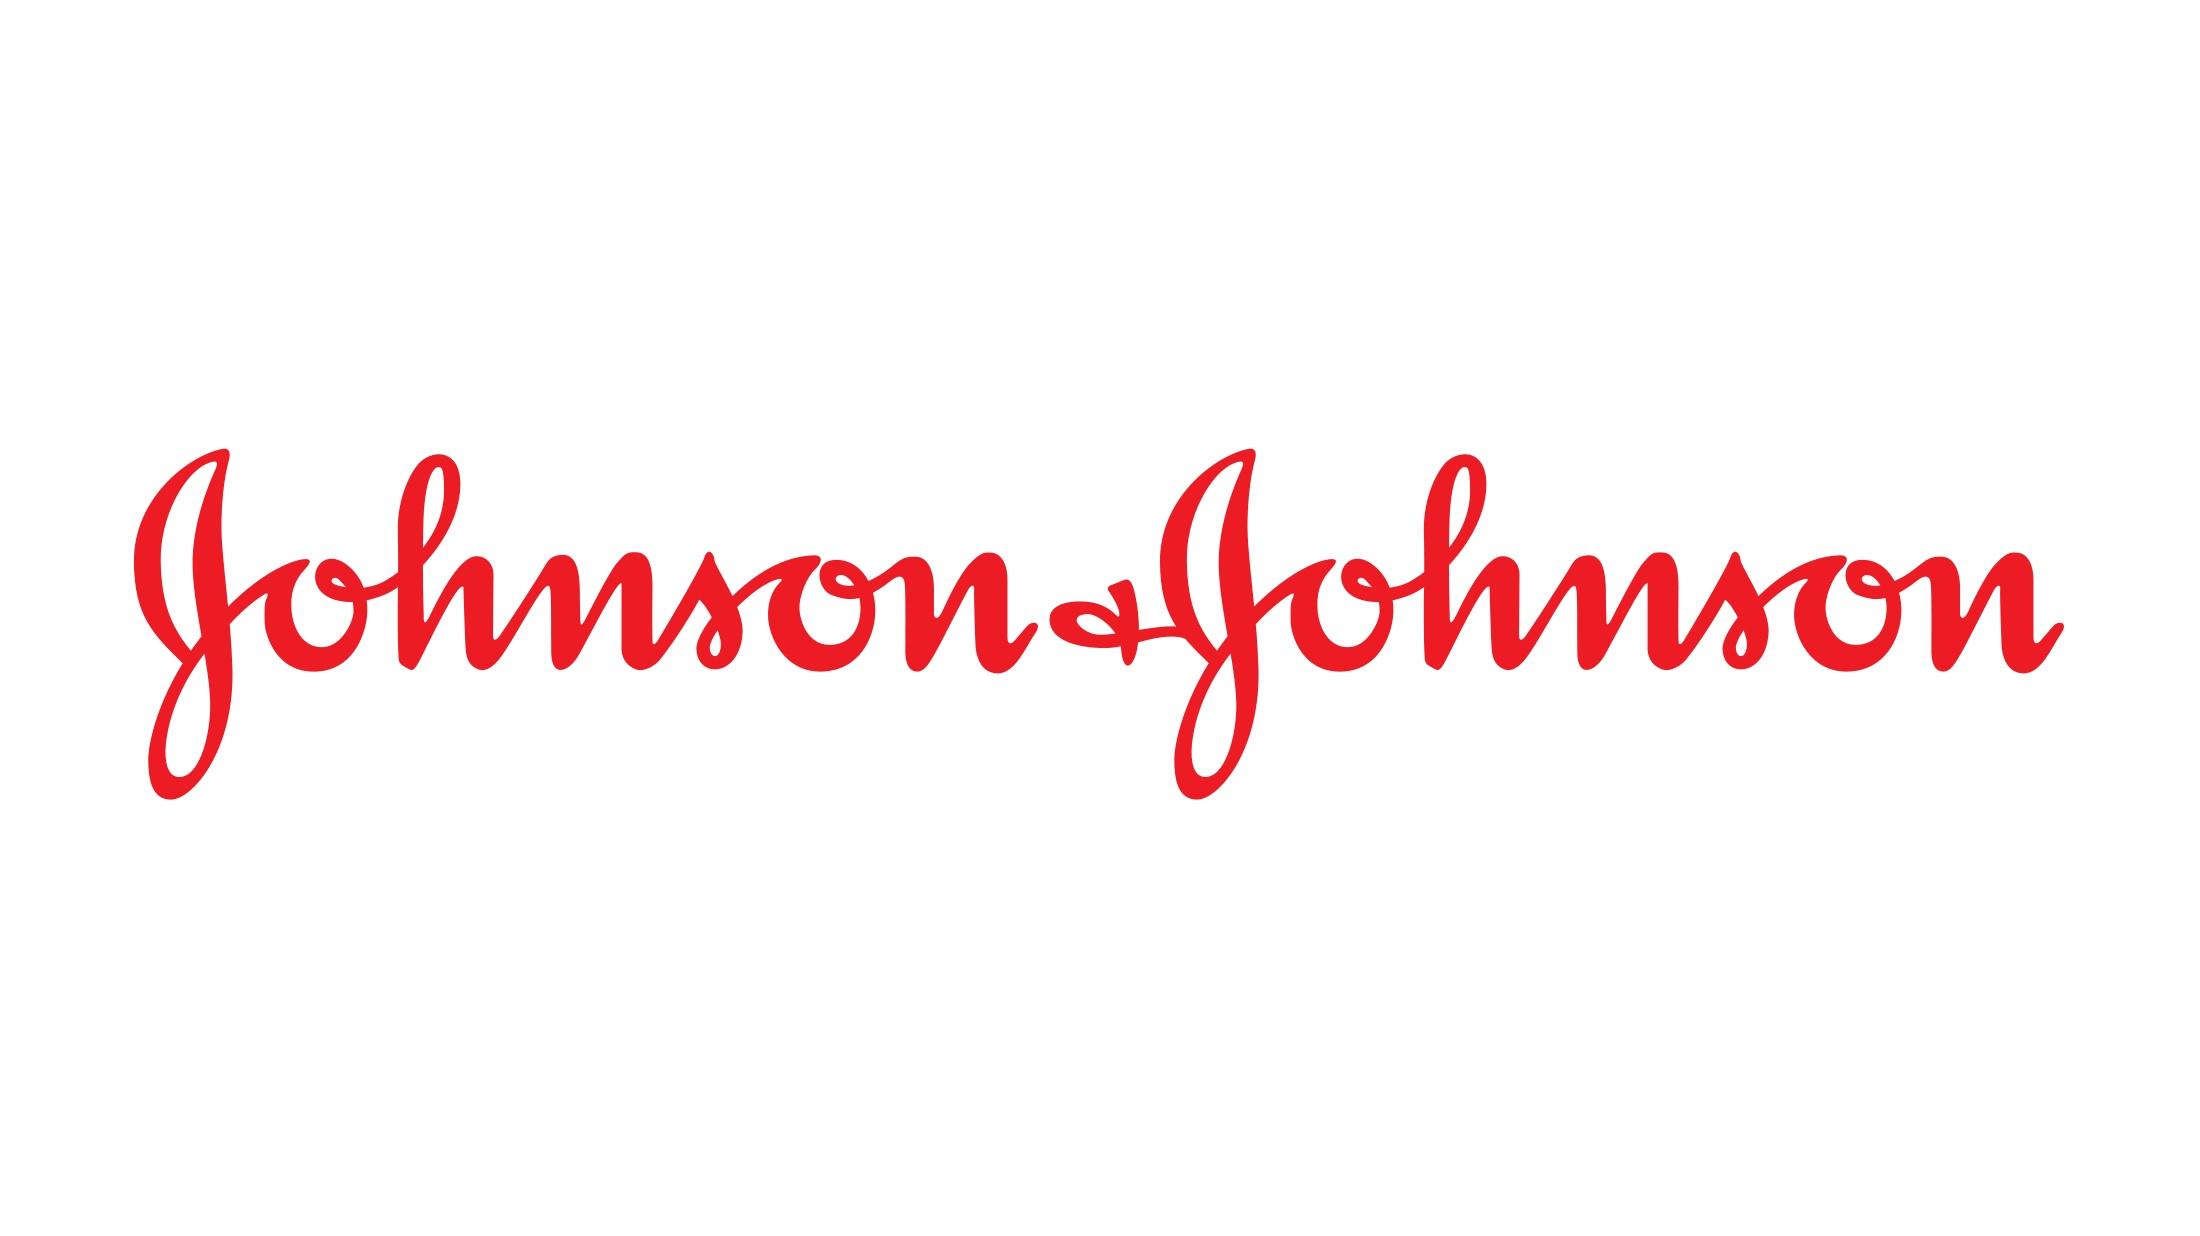 Afbeeldingsresultaat voor johnson & johnson